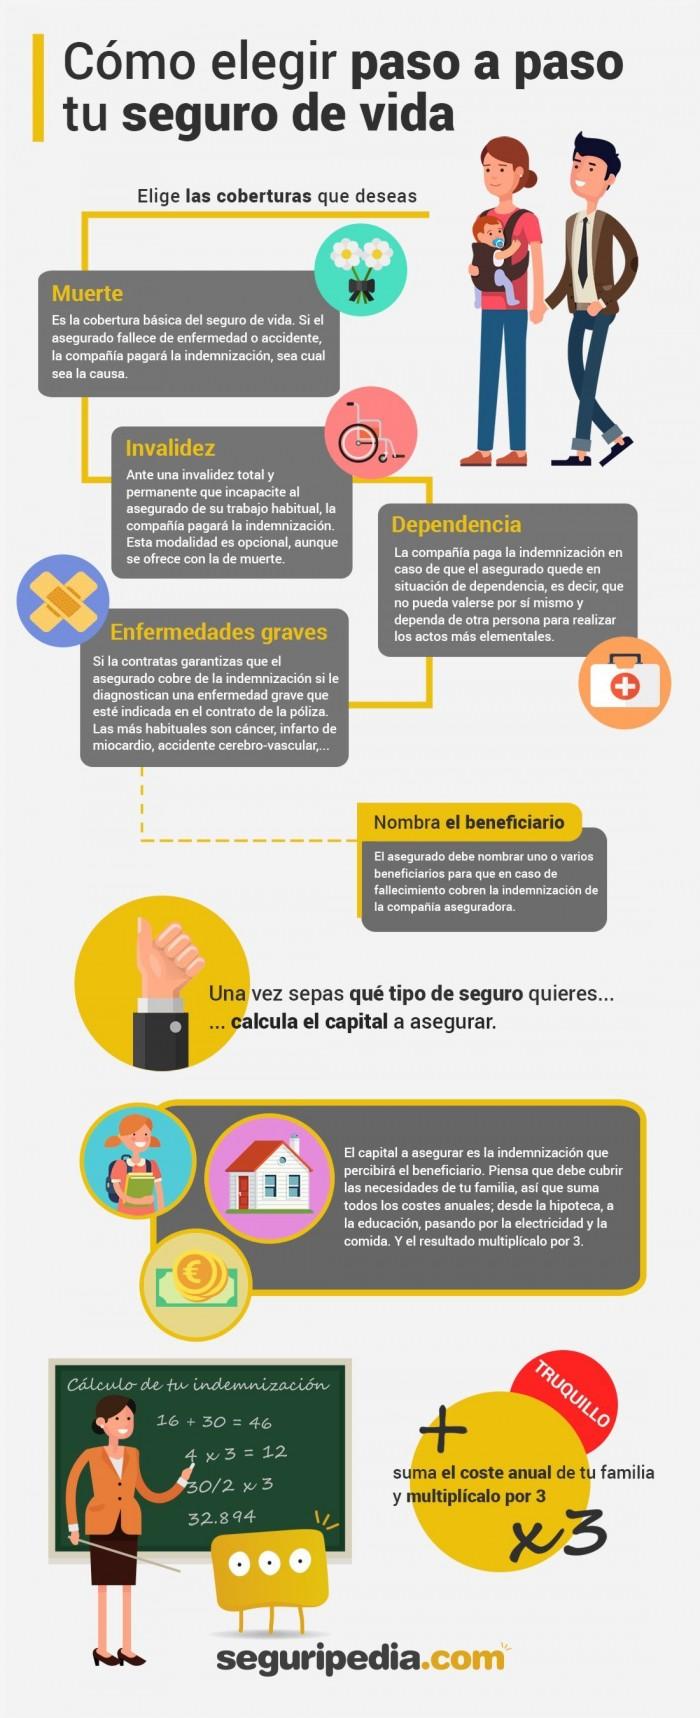 Infografía para elegir el seguro de vida